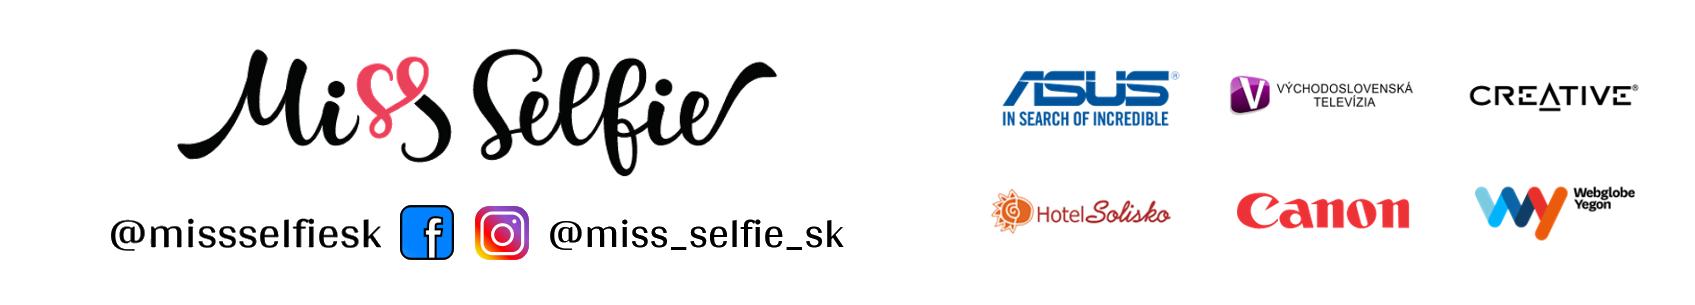 banner_MissSelfie